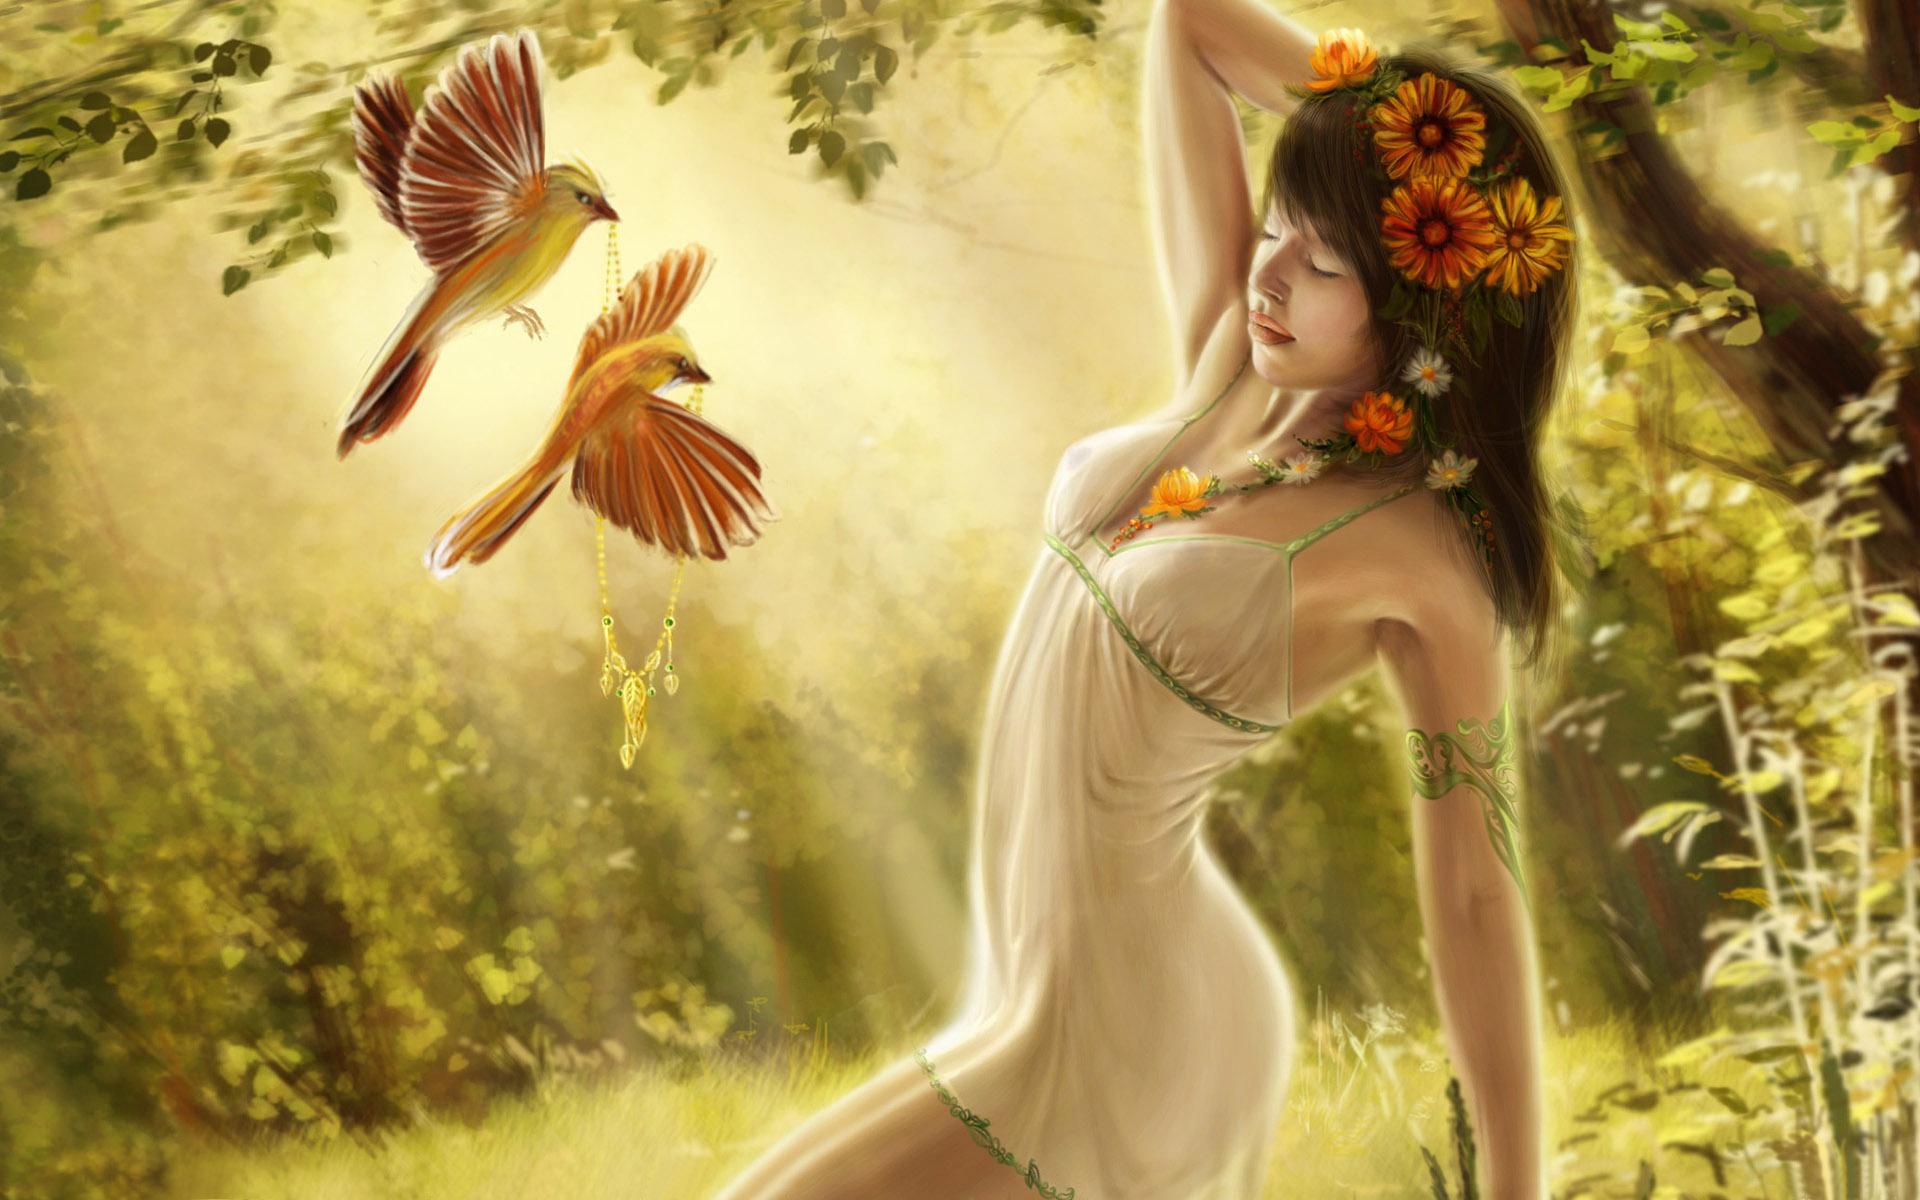 Digital Fantasy Girl Art Wallpapers   HD Wallpapers